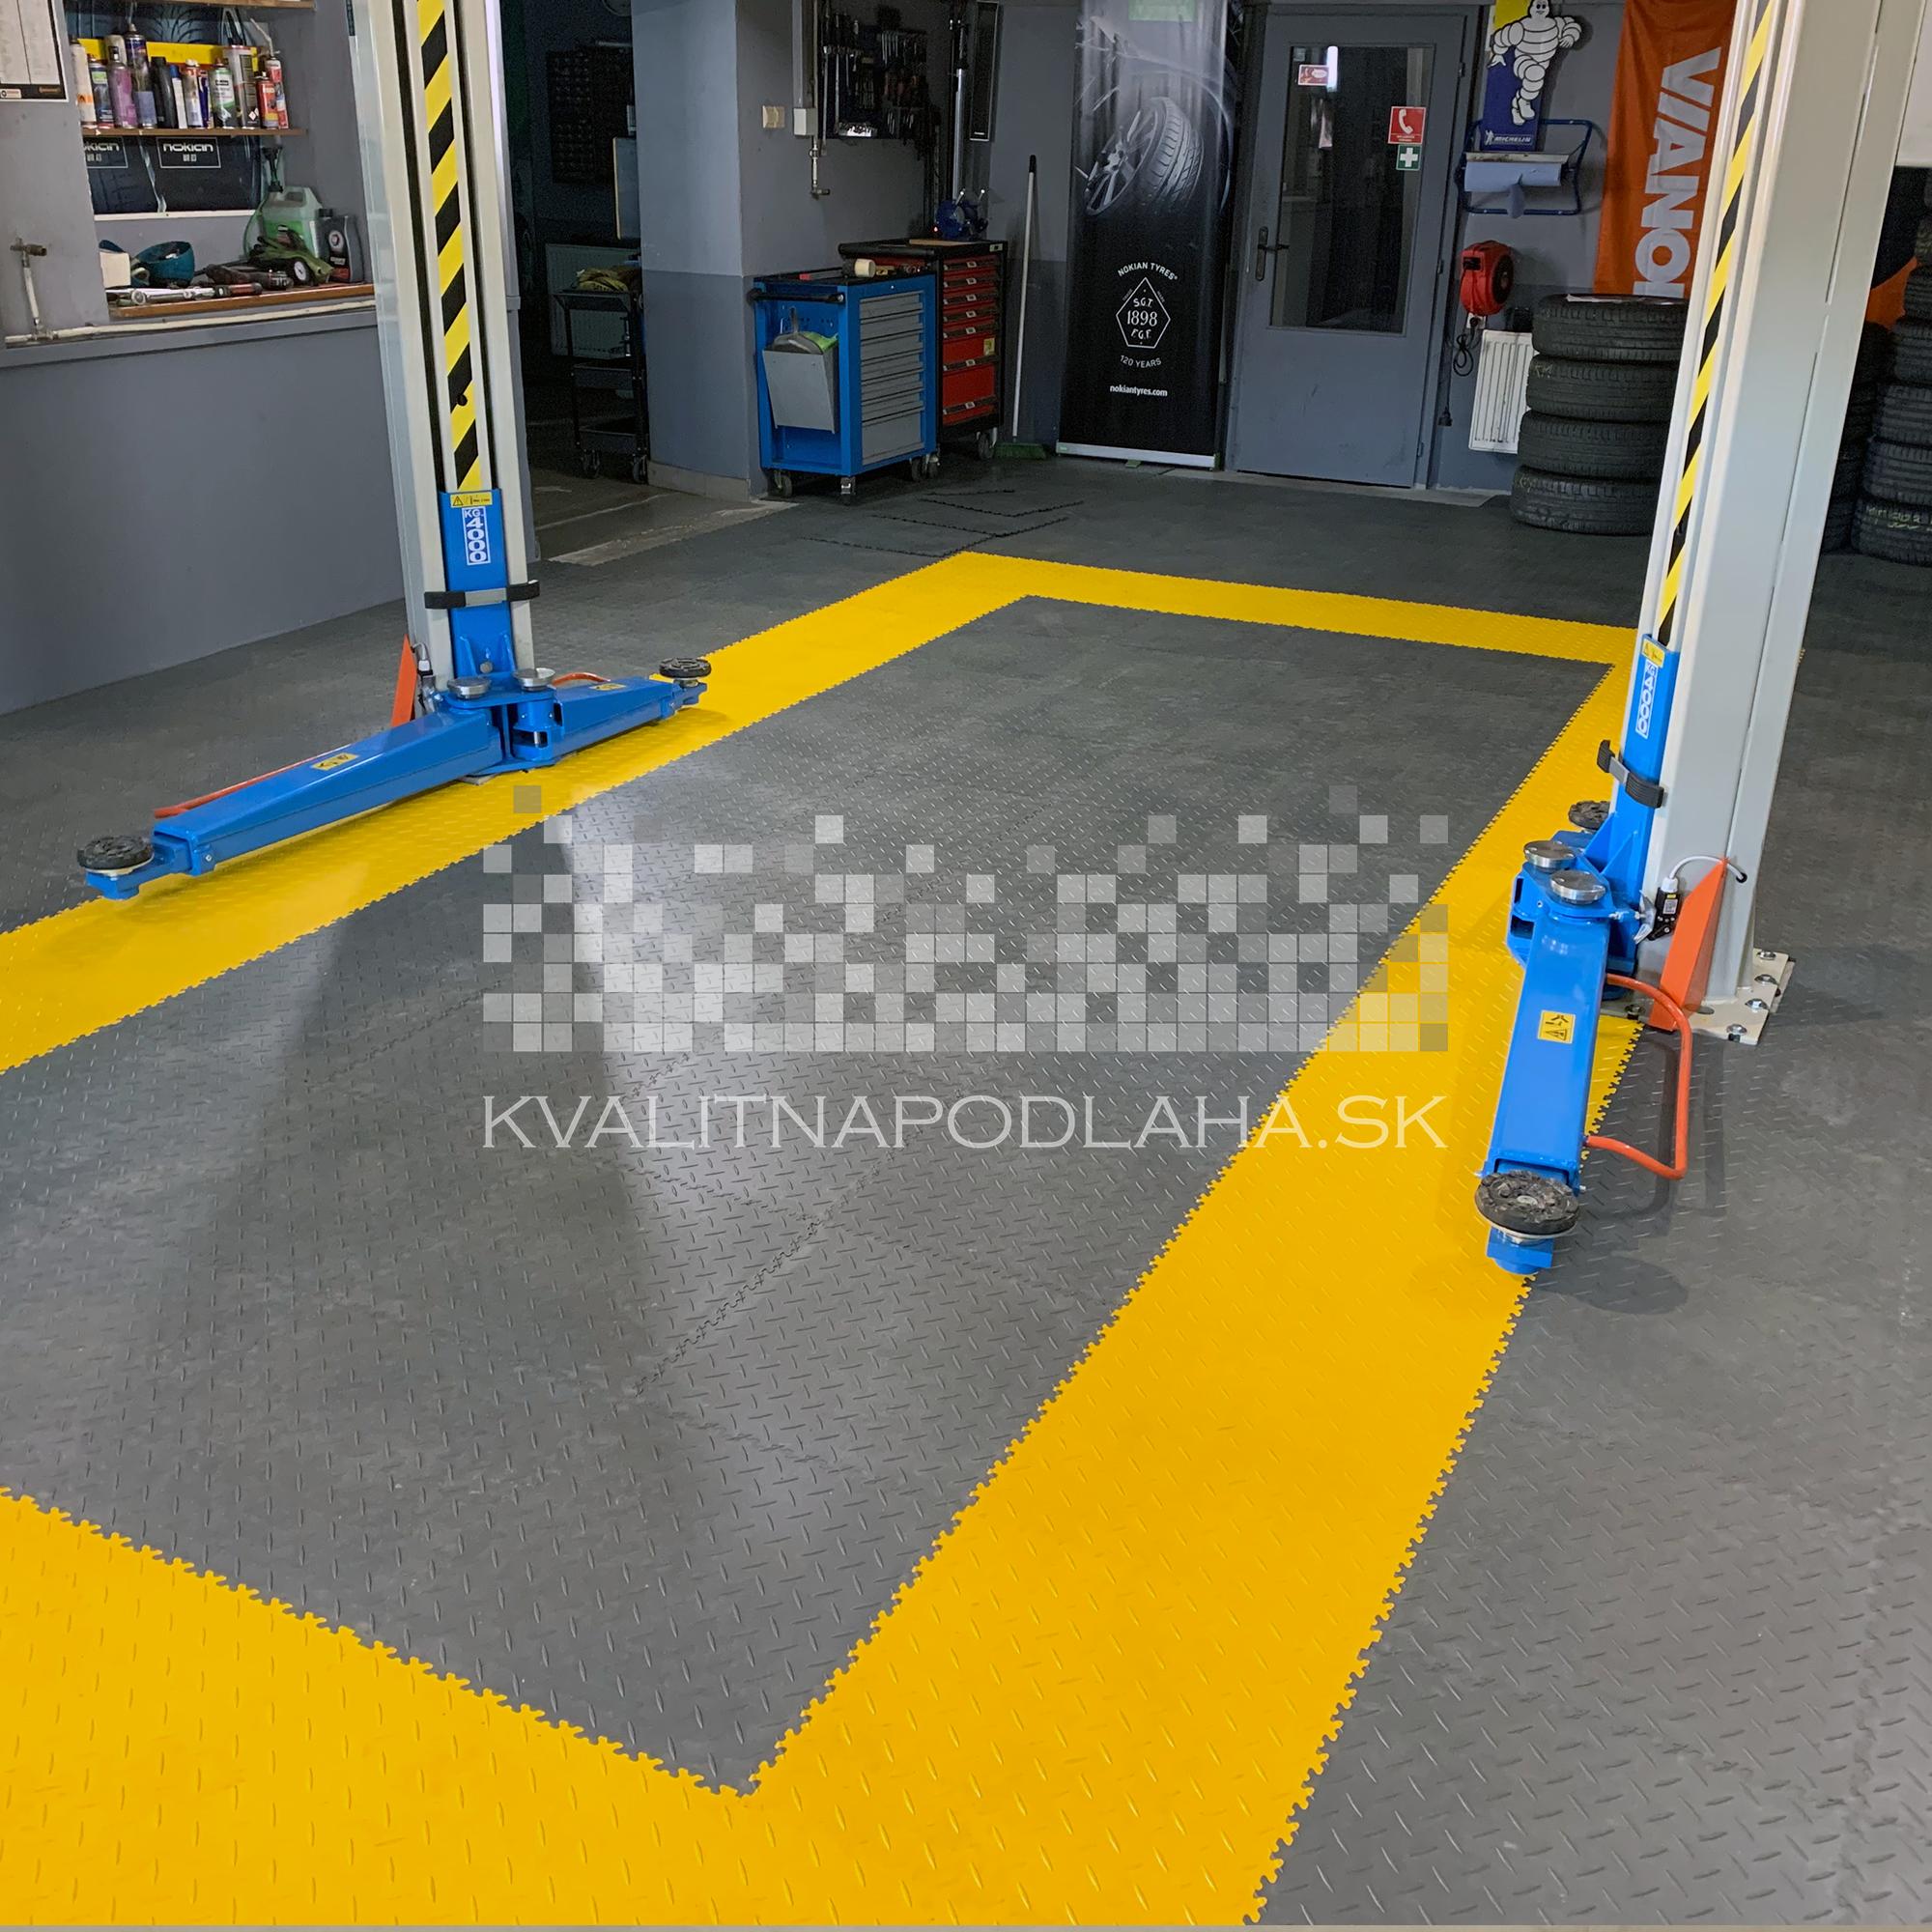 Kvalitná a odolná záťažová PVC podlaha Fortelock do auto a pneu servisu